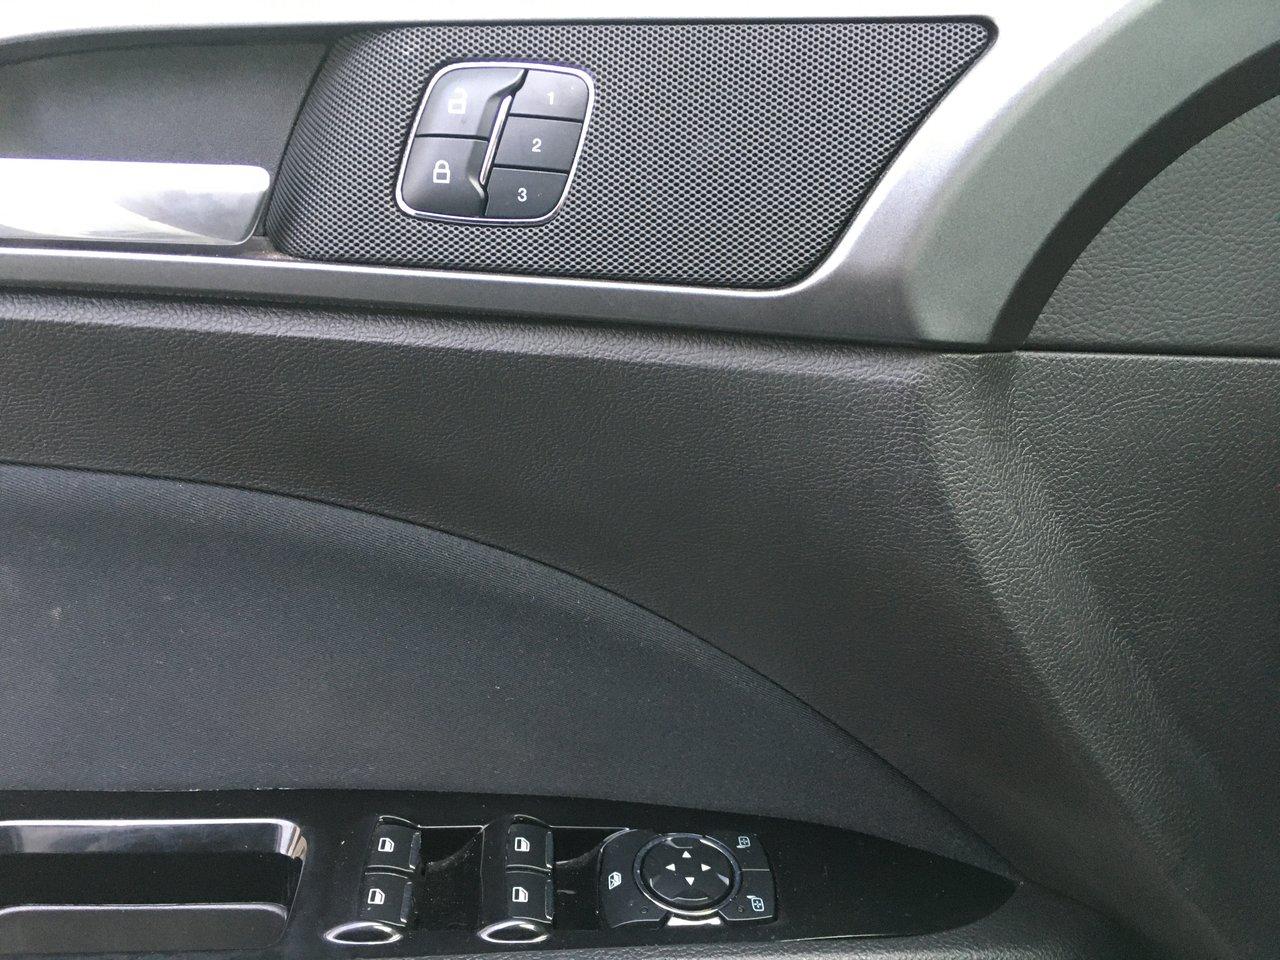 2016 Ford Fusion SE, 2.0L ÉCOBOOST, GPS, ENSEMBLE SPORT